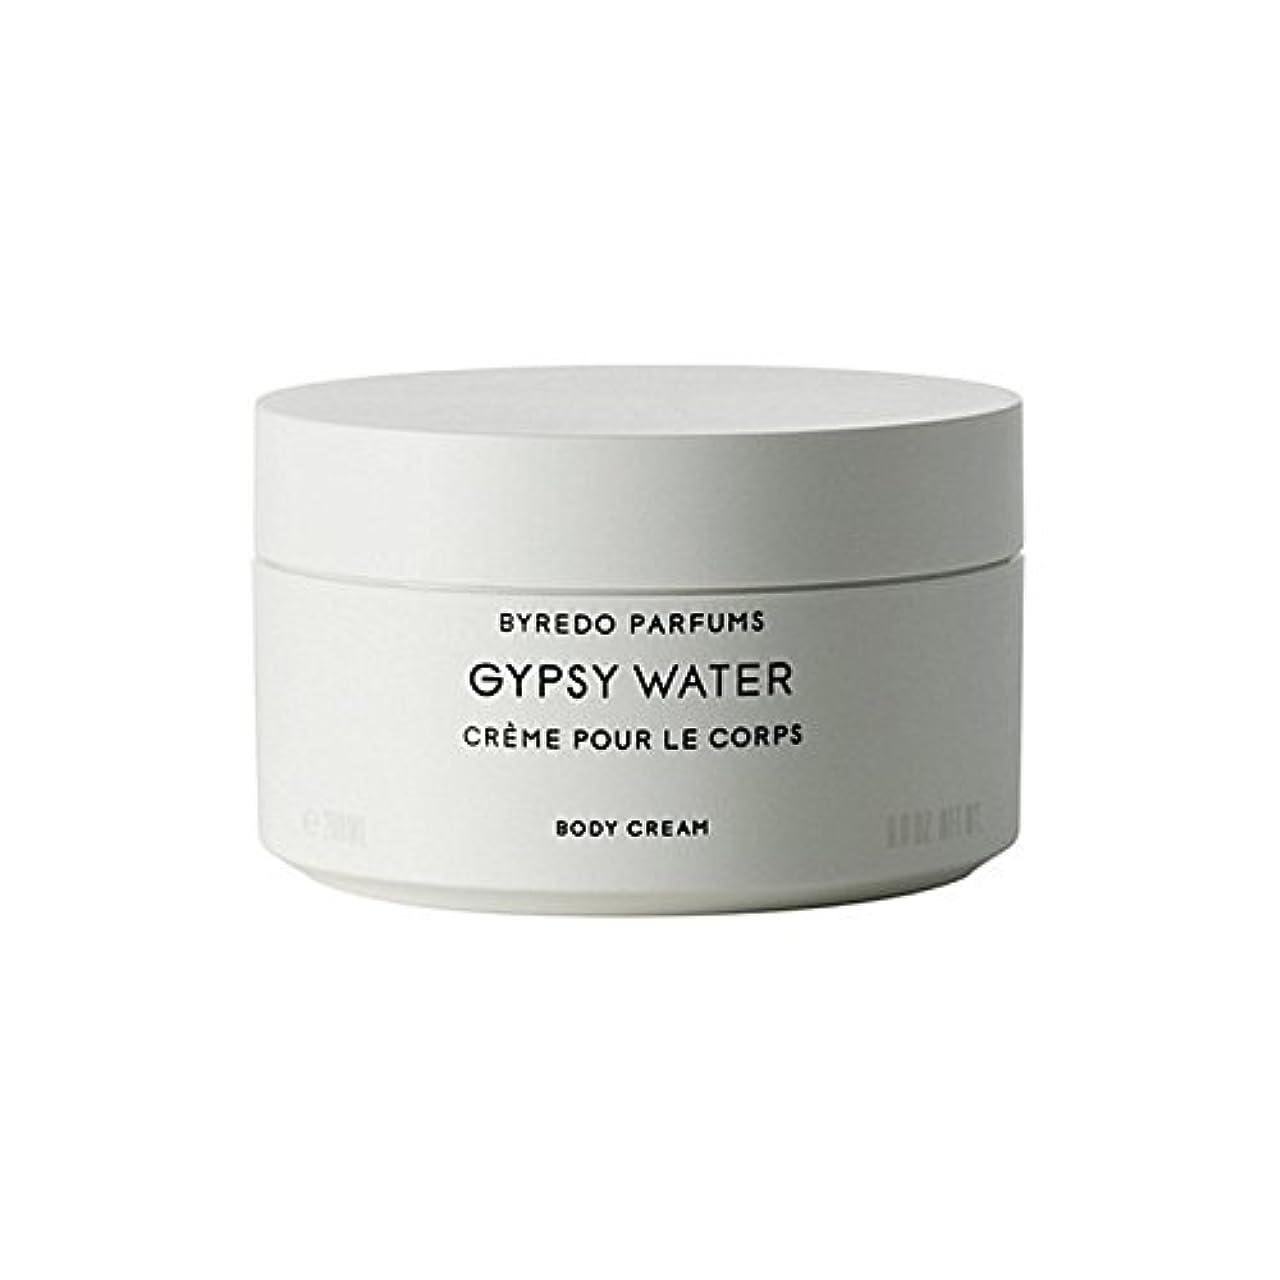 ミル報復ギャングByredo Gypsy Water Body Cream 200ml (Pack of 6) - ジプシー水ボディクリーム200ミリリットル x6 [並行輸入品]